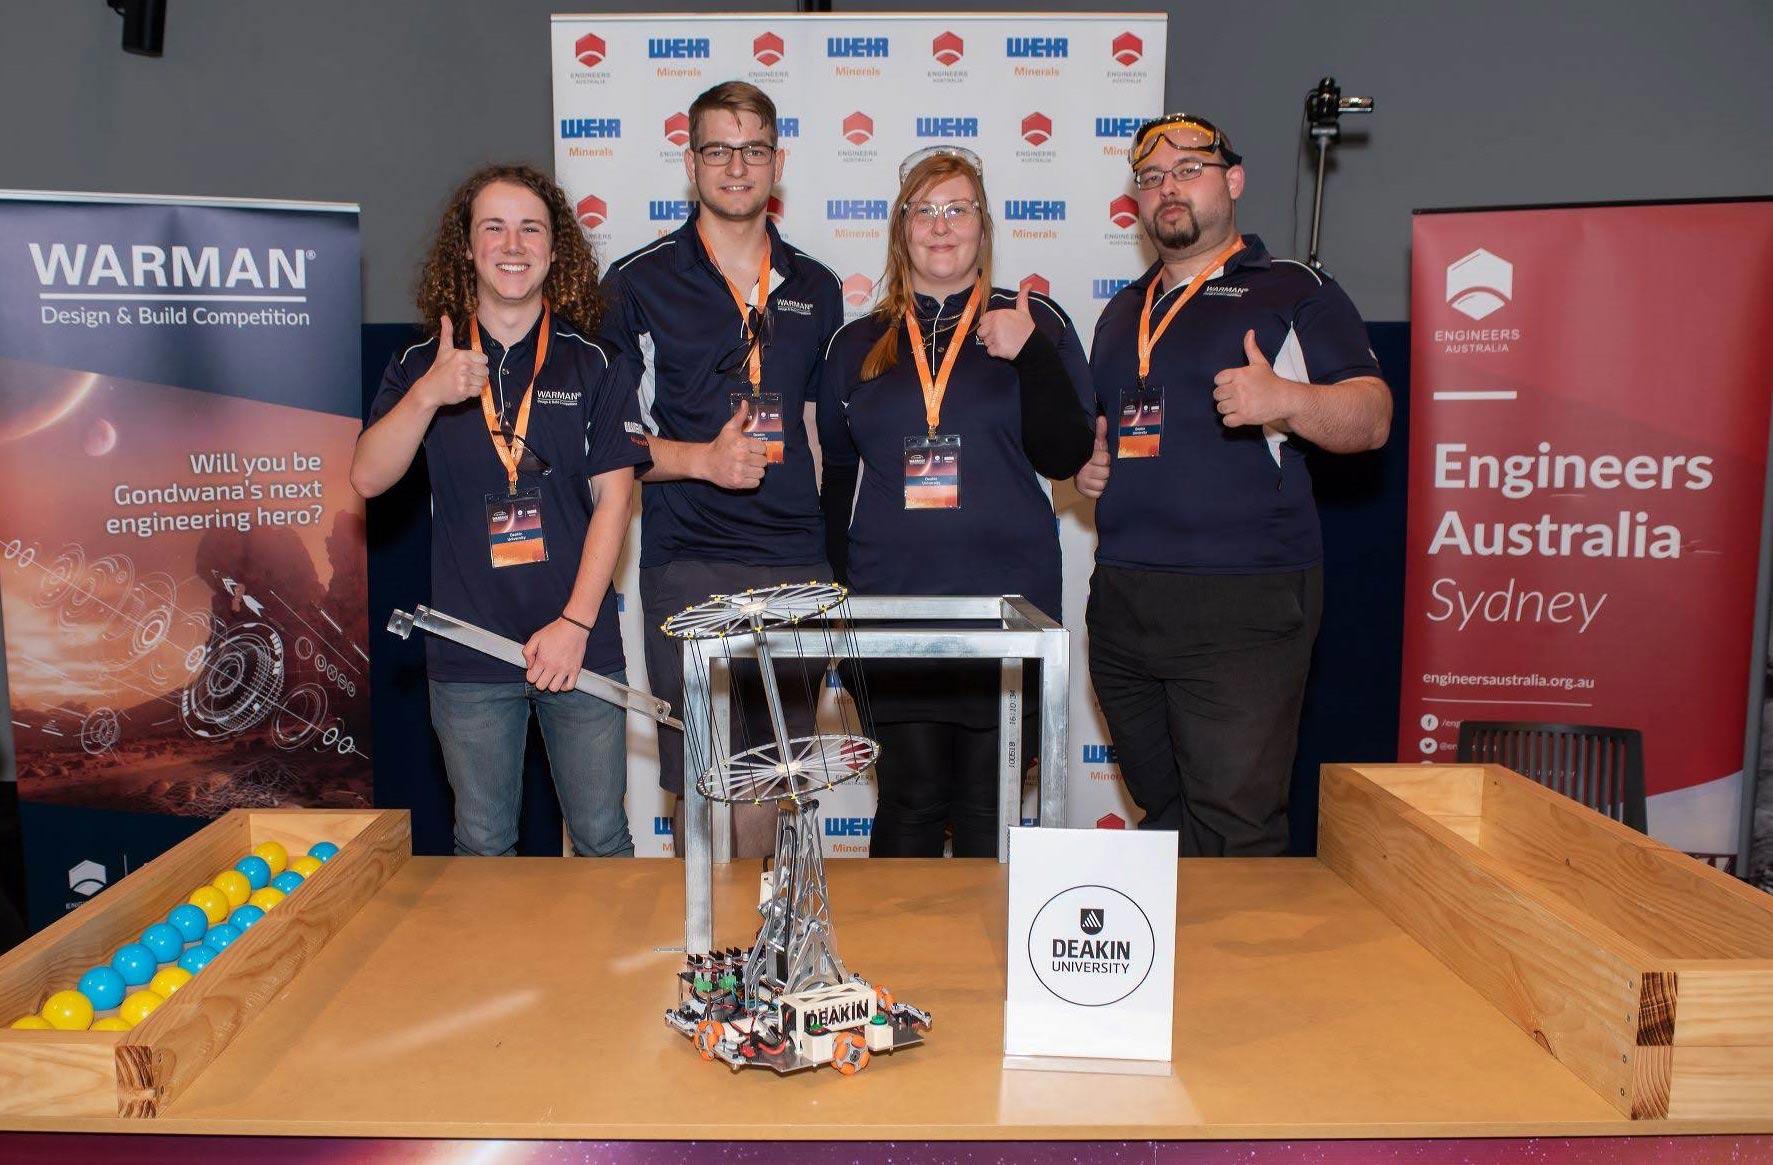 Deakin Warman Competition team members